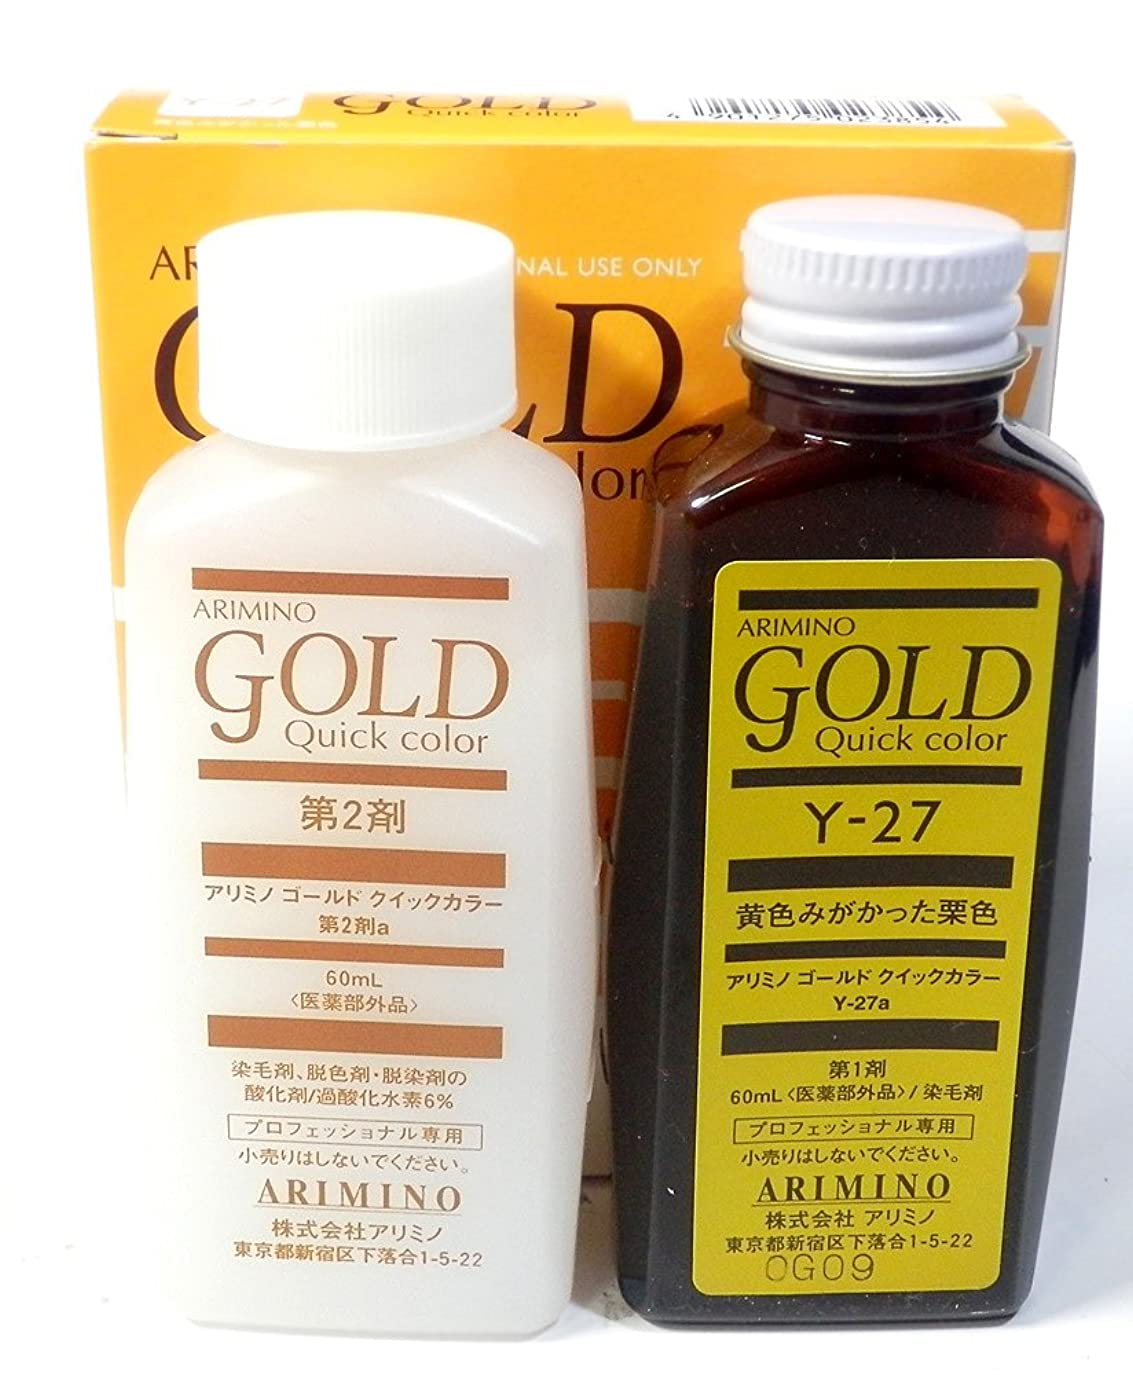 田舎者サイズ小さなアリミノ ARIMINO ゴールド クイックカラー Y-27 白髪染め 新品 黄色みがかった栗色